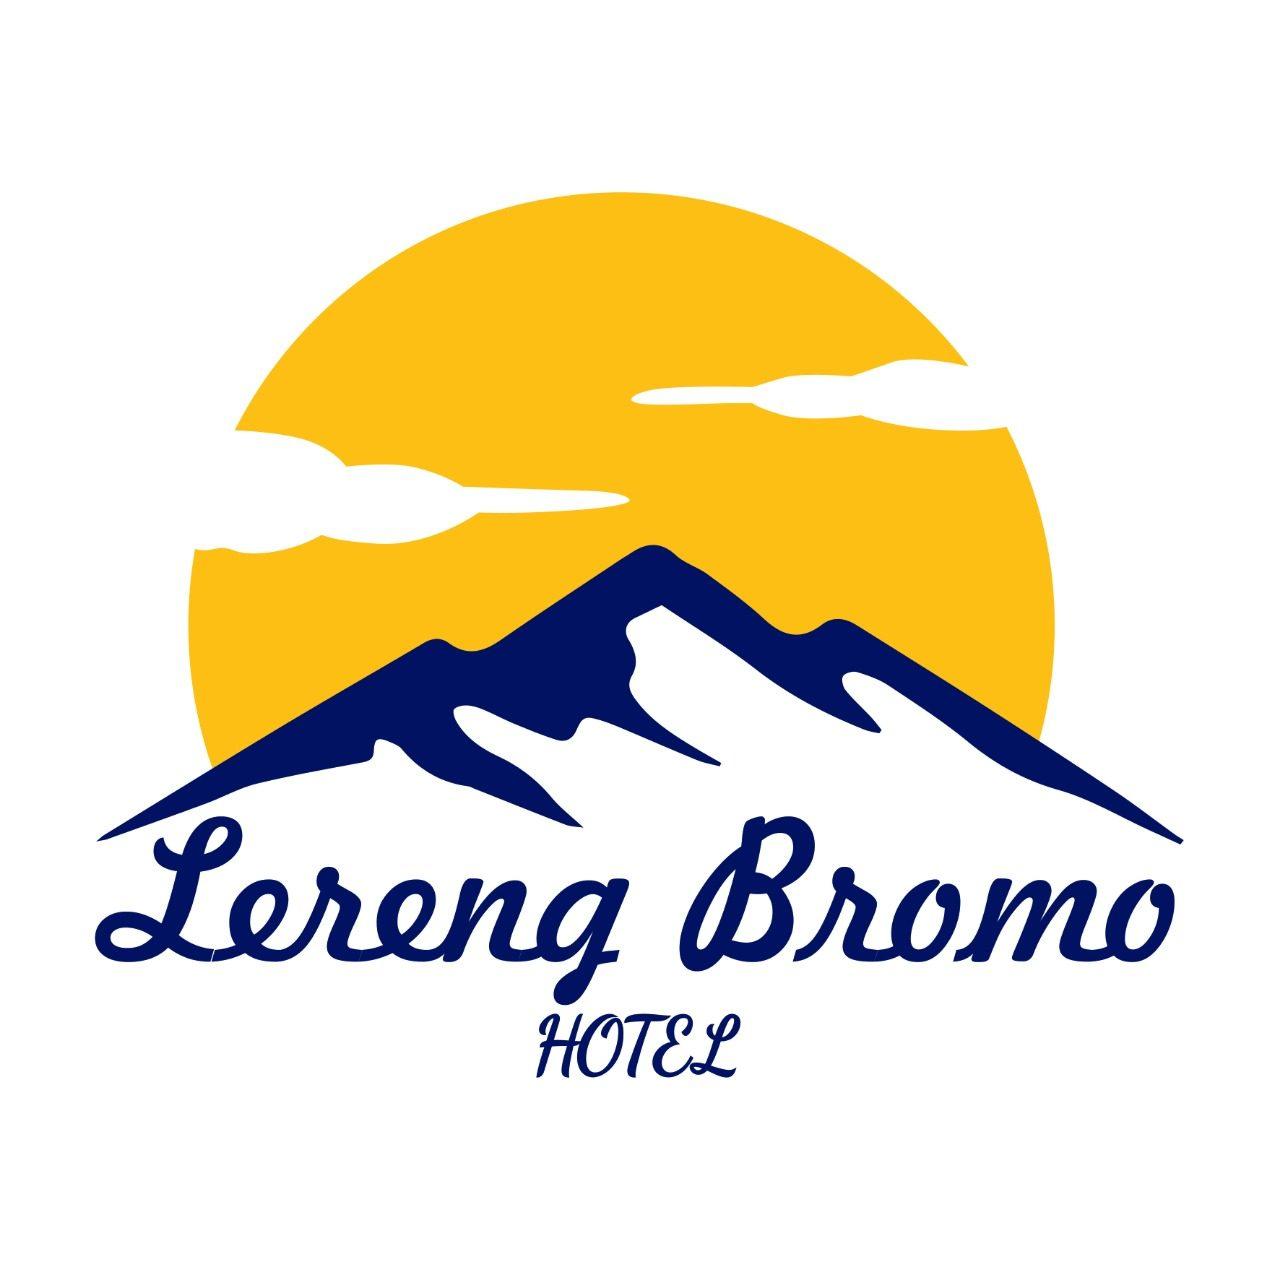 LOGO LERENG BROMO HOTEL